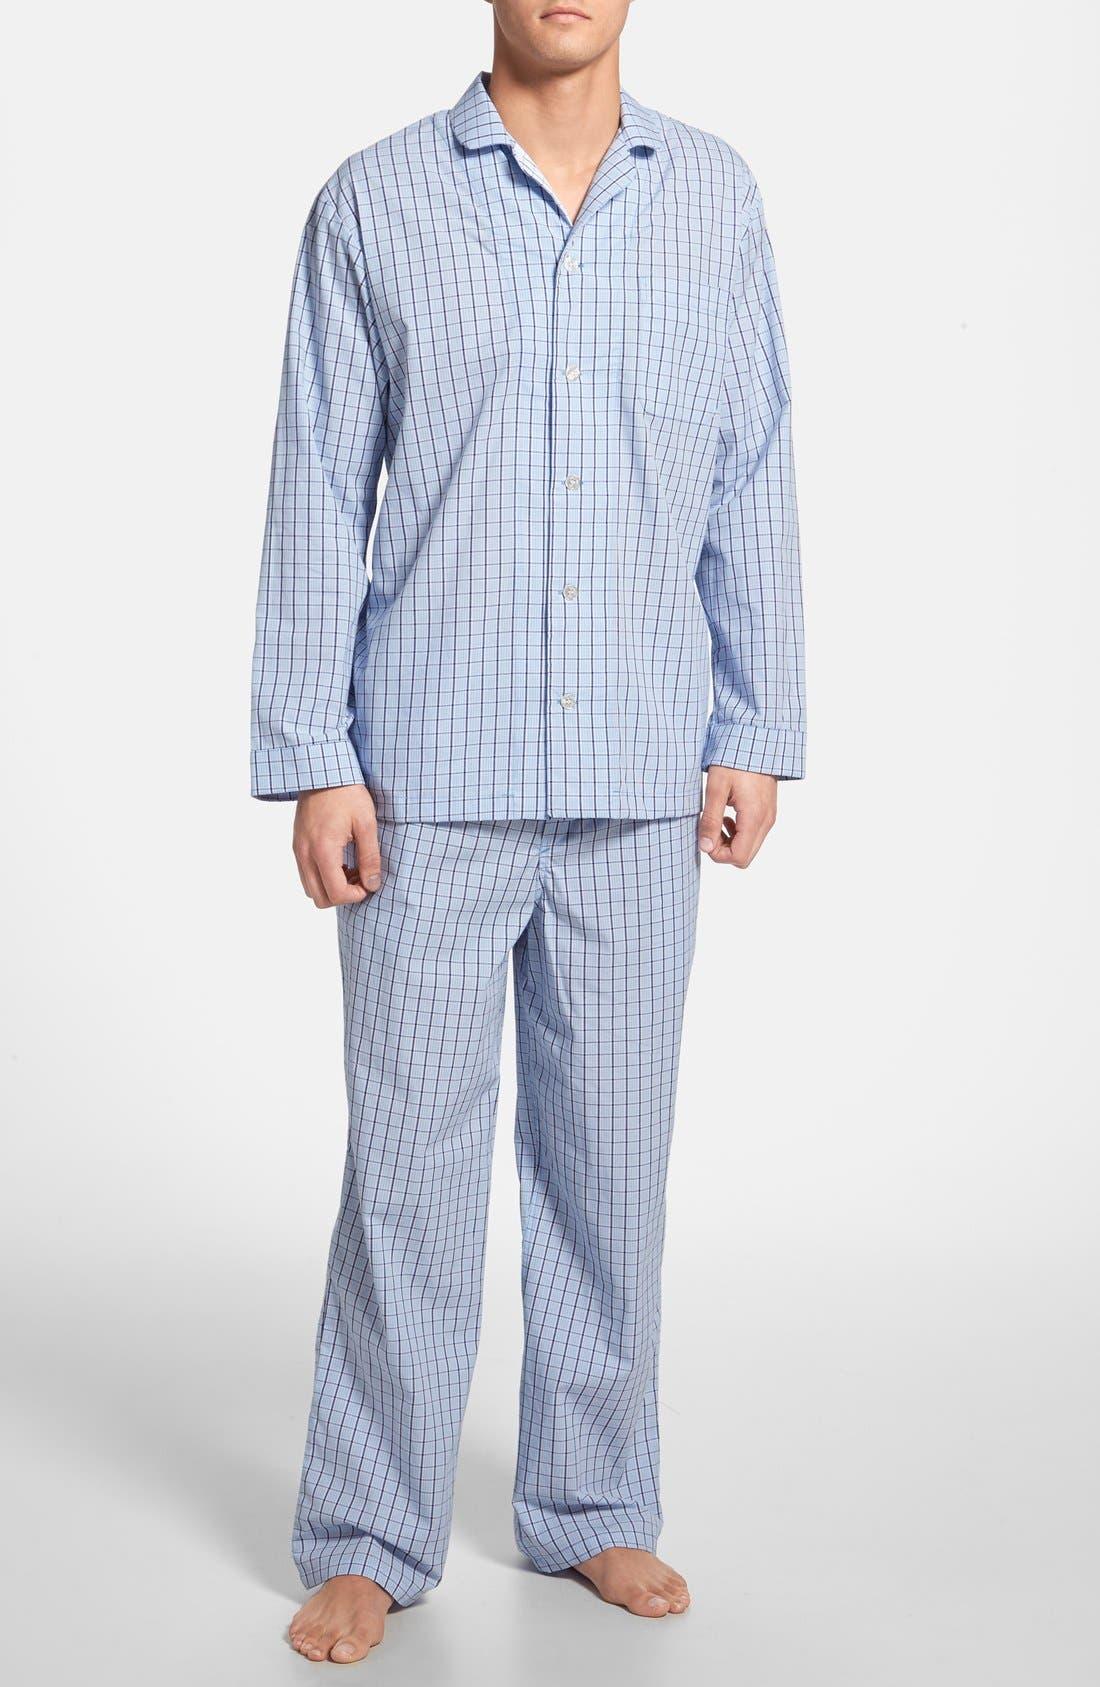 Alternate Image 1 Selected - Nordstrom Men's Shop Poplin Pajama Set